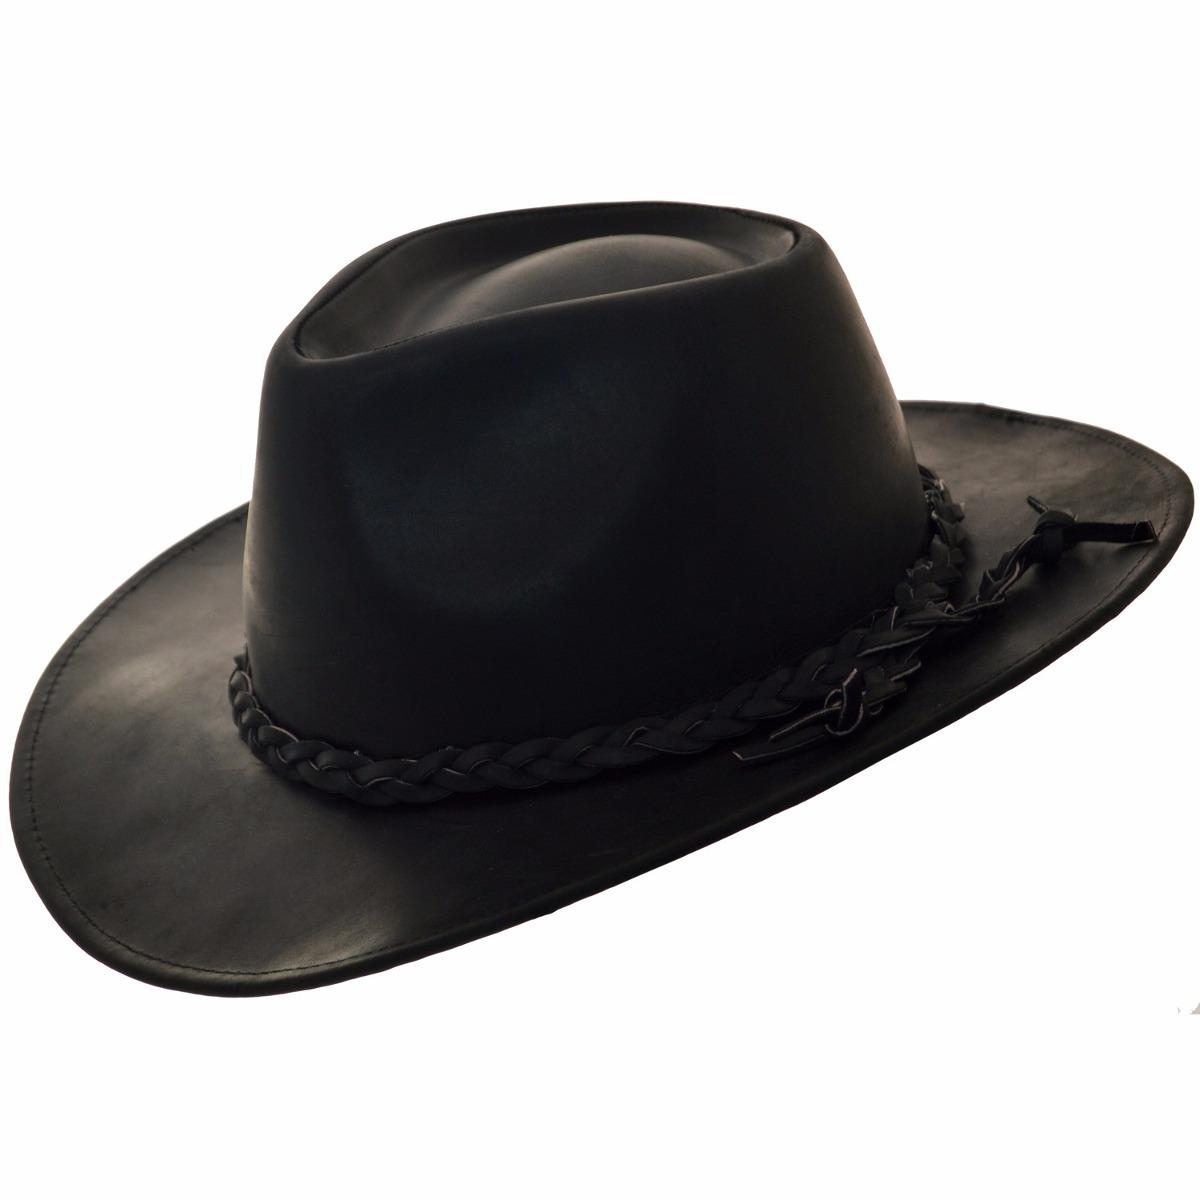 sombrero cuero engrasado compañia de sombreros h714290-02. Cargando zoom. 939fd3650bf